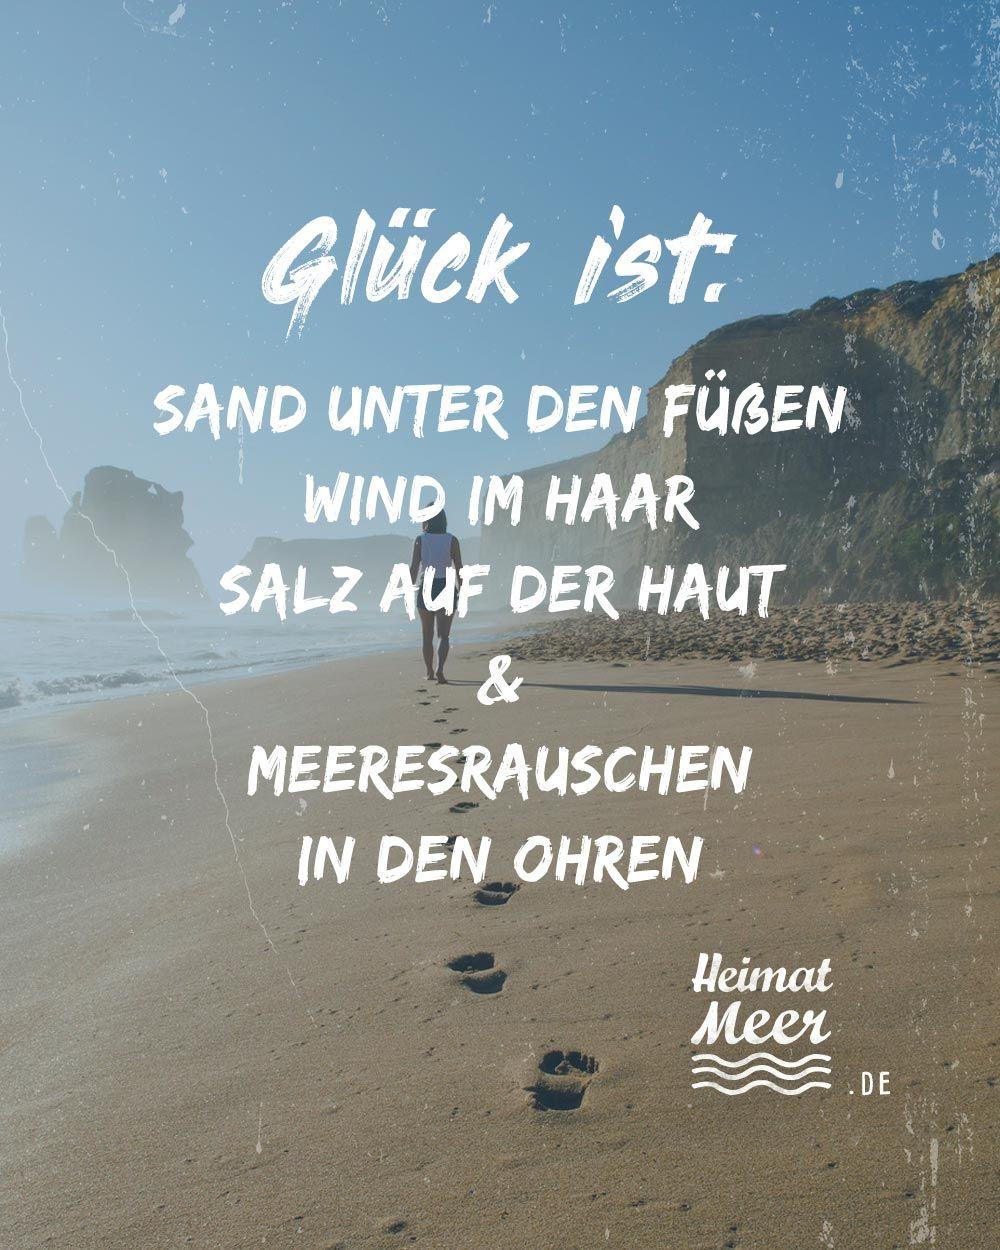 Das Ist Gluck Mee H R Fur Alle Die Das Meer Lieben Gute Laune Spruche Spruche Zitate Spruche